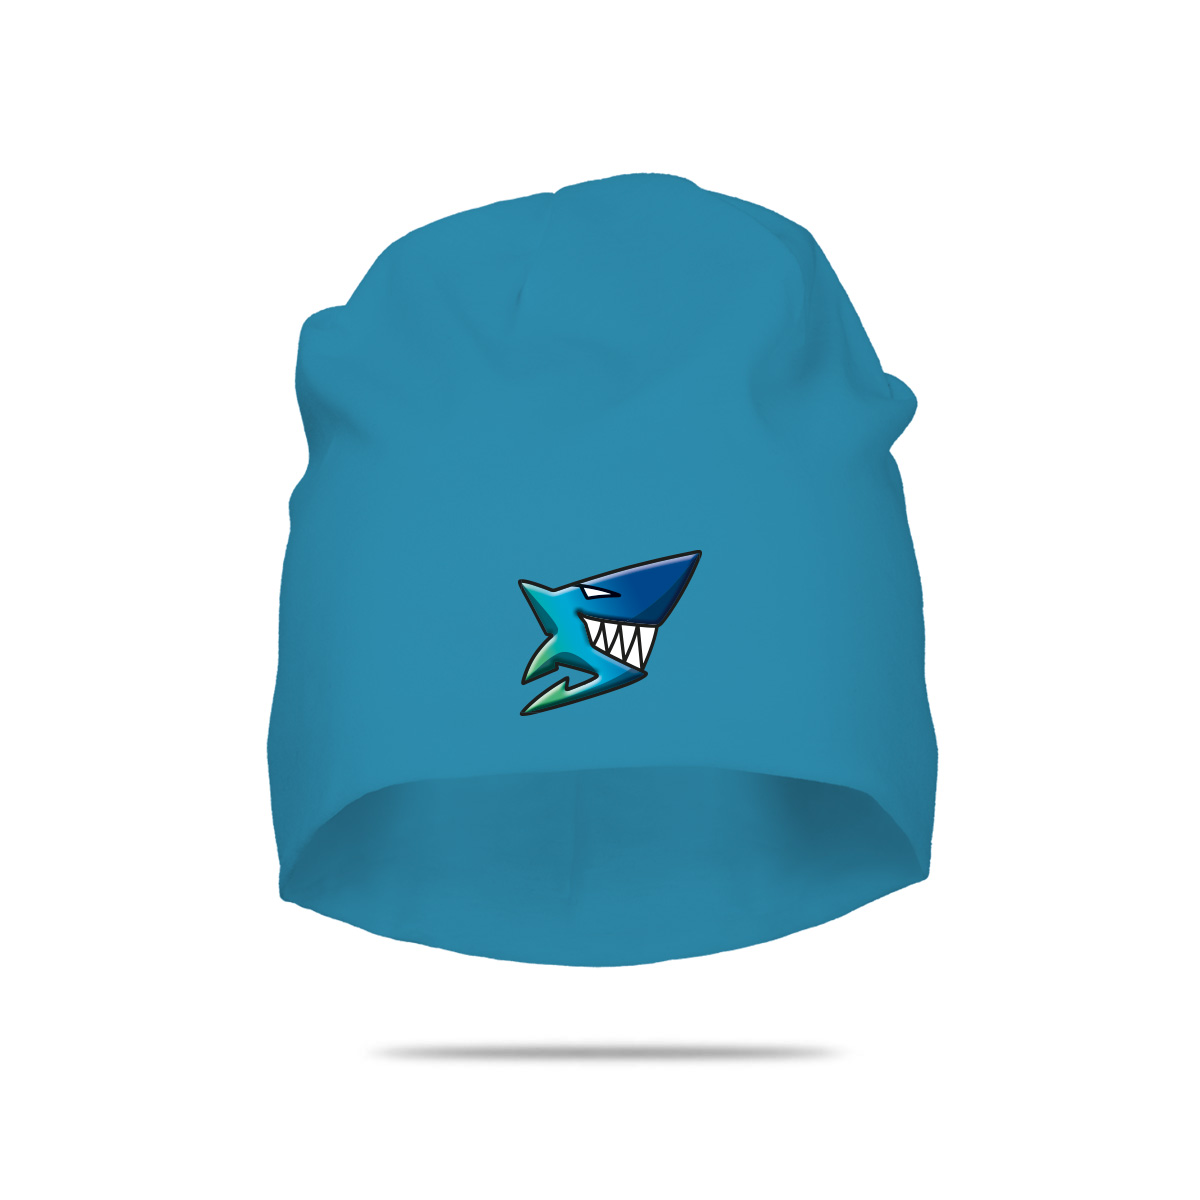 Teamprint-Pujo-Kiekkohait-Turkoosi